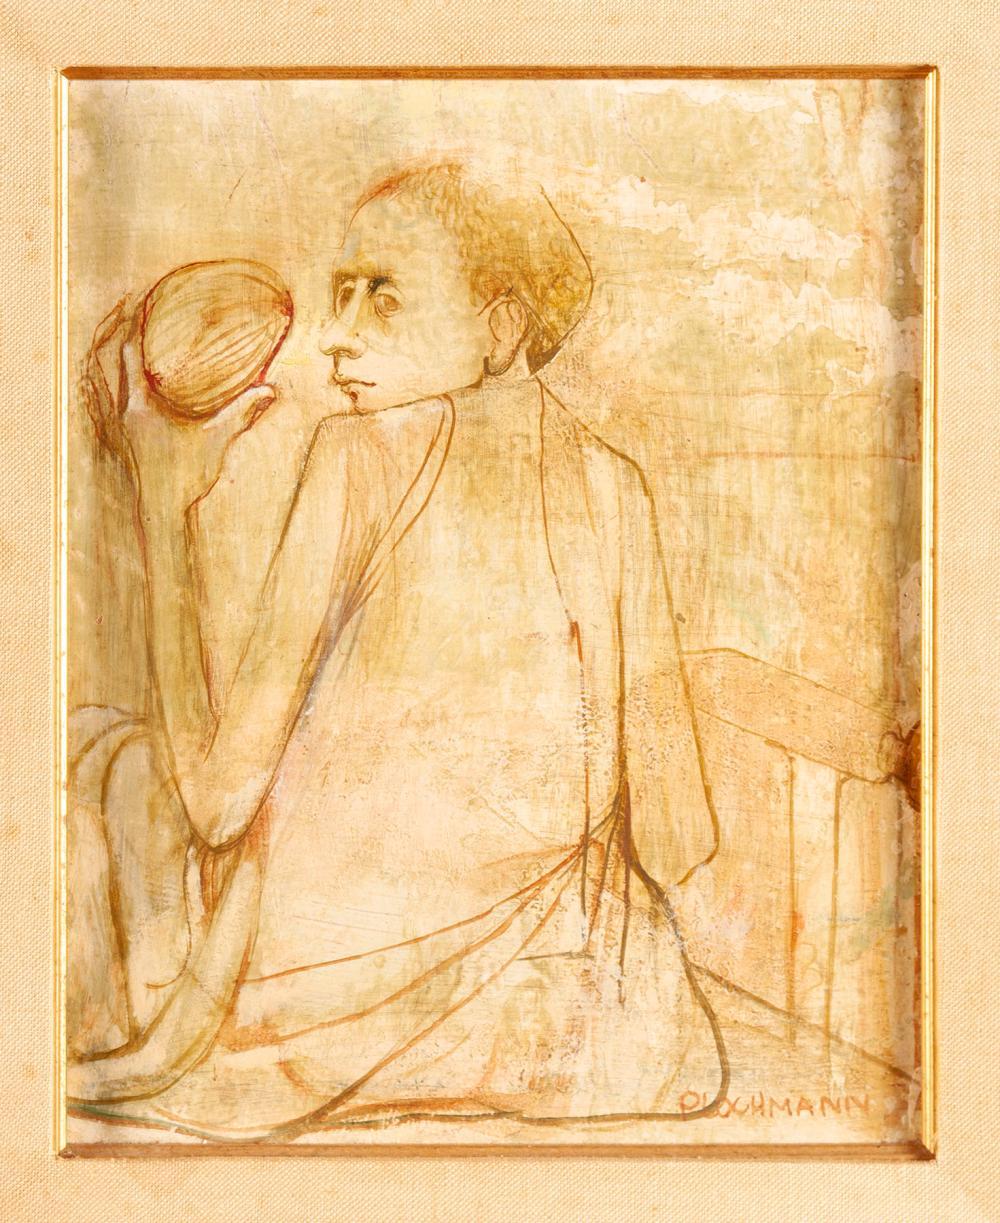 CAROLYN PLOCHMANN (AMERICAN B. 1926)